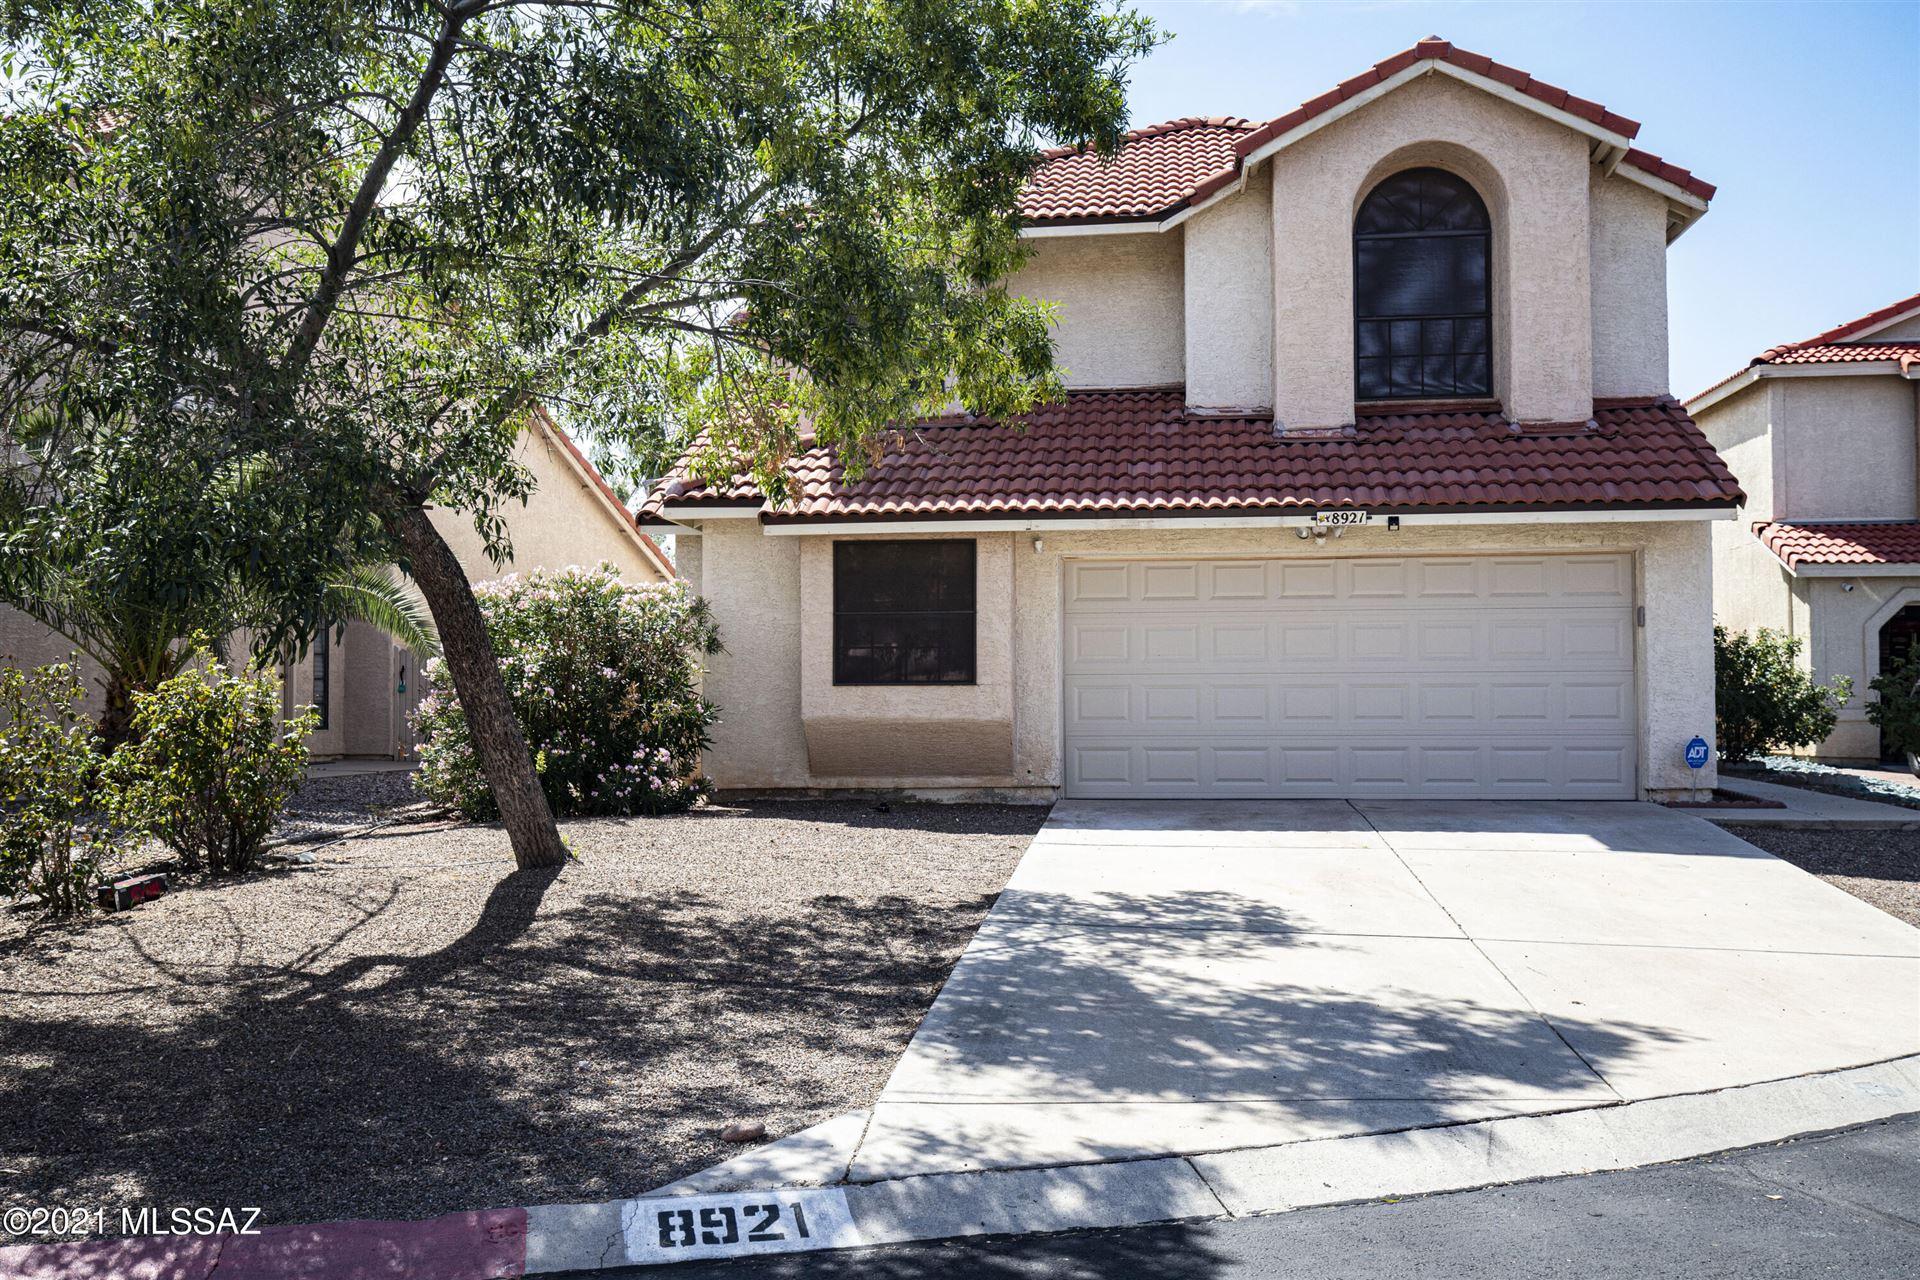 8921 N Ferber Court, Tucson, AZ 85742 - MLS#: 22124498